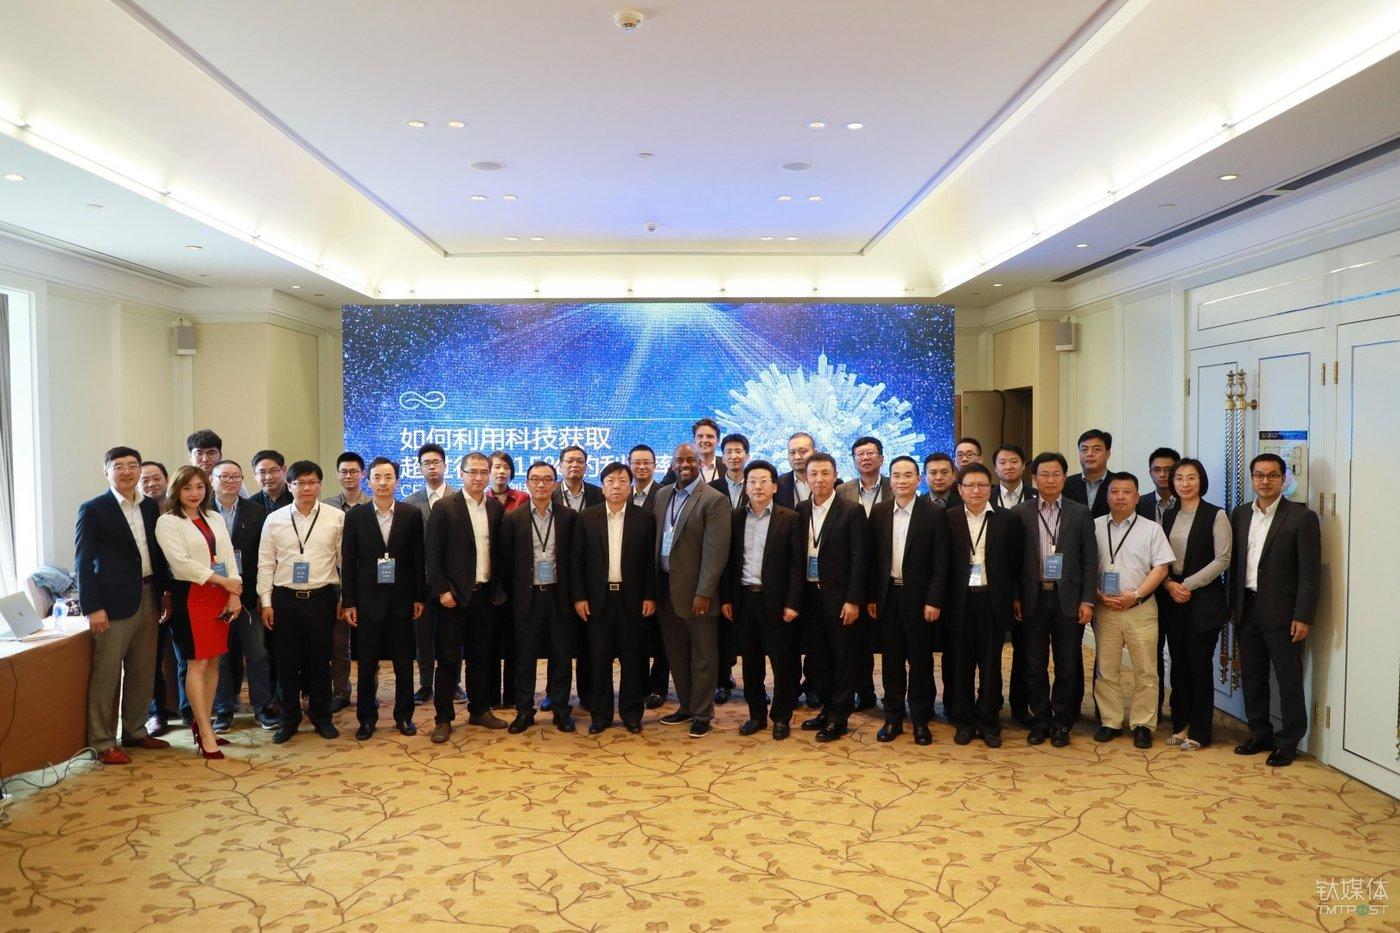 来自17家知名企业高层管理人员参与本次圆桌会议